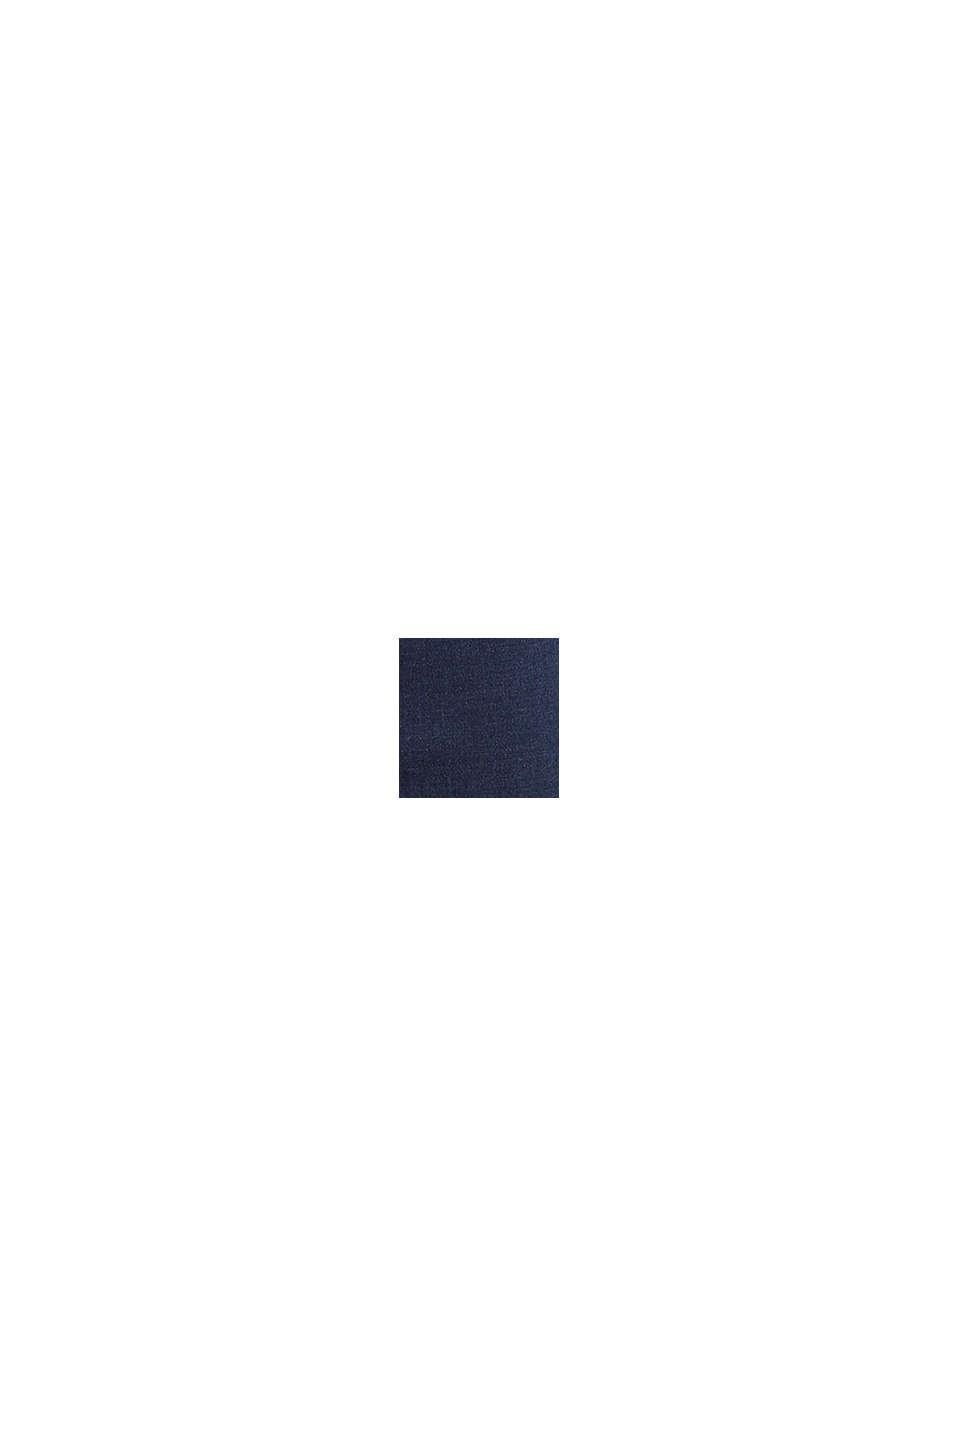 JERSEY mix + match broek, GREY BLUE, swatch